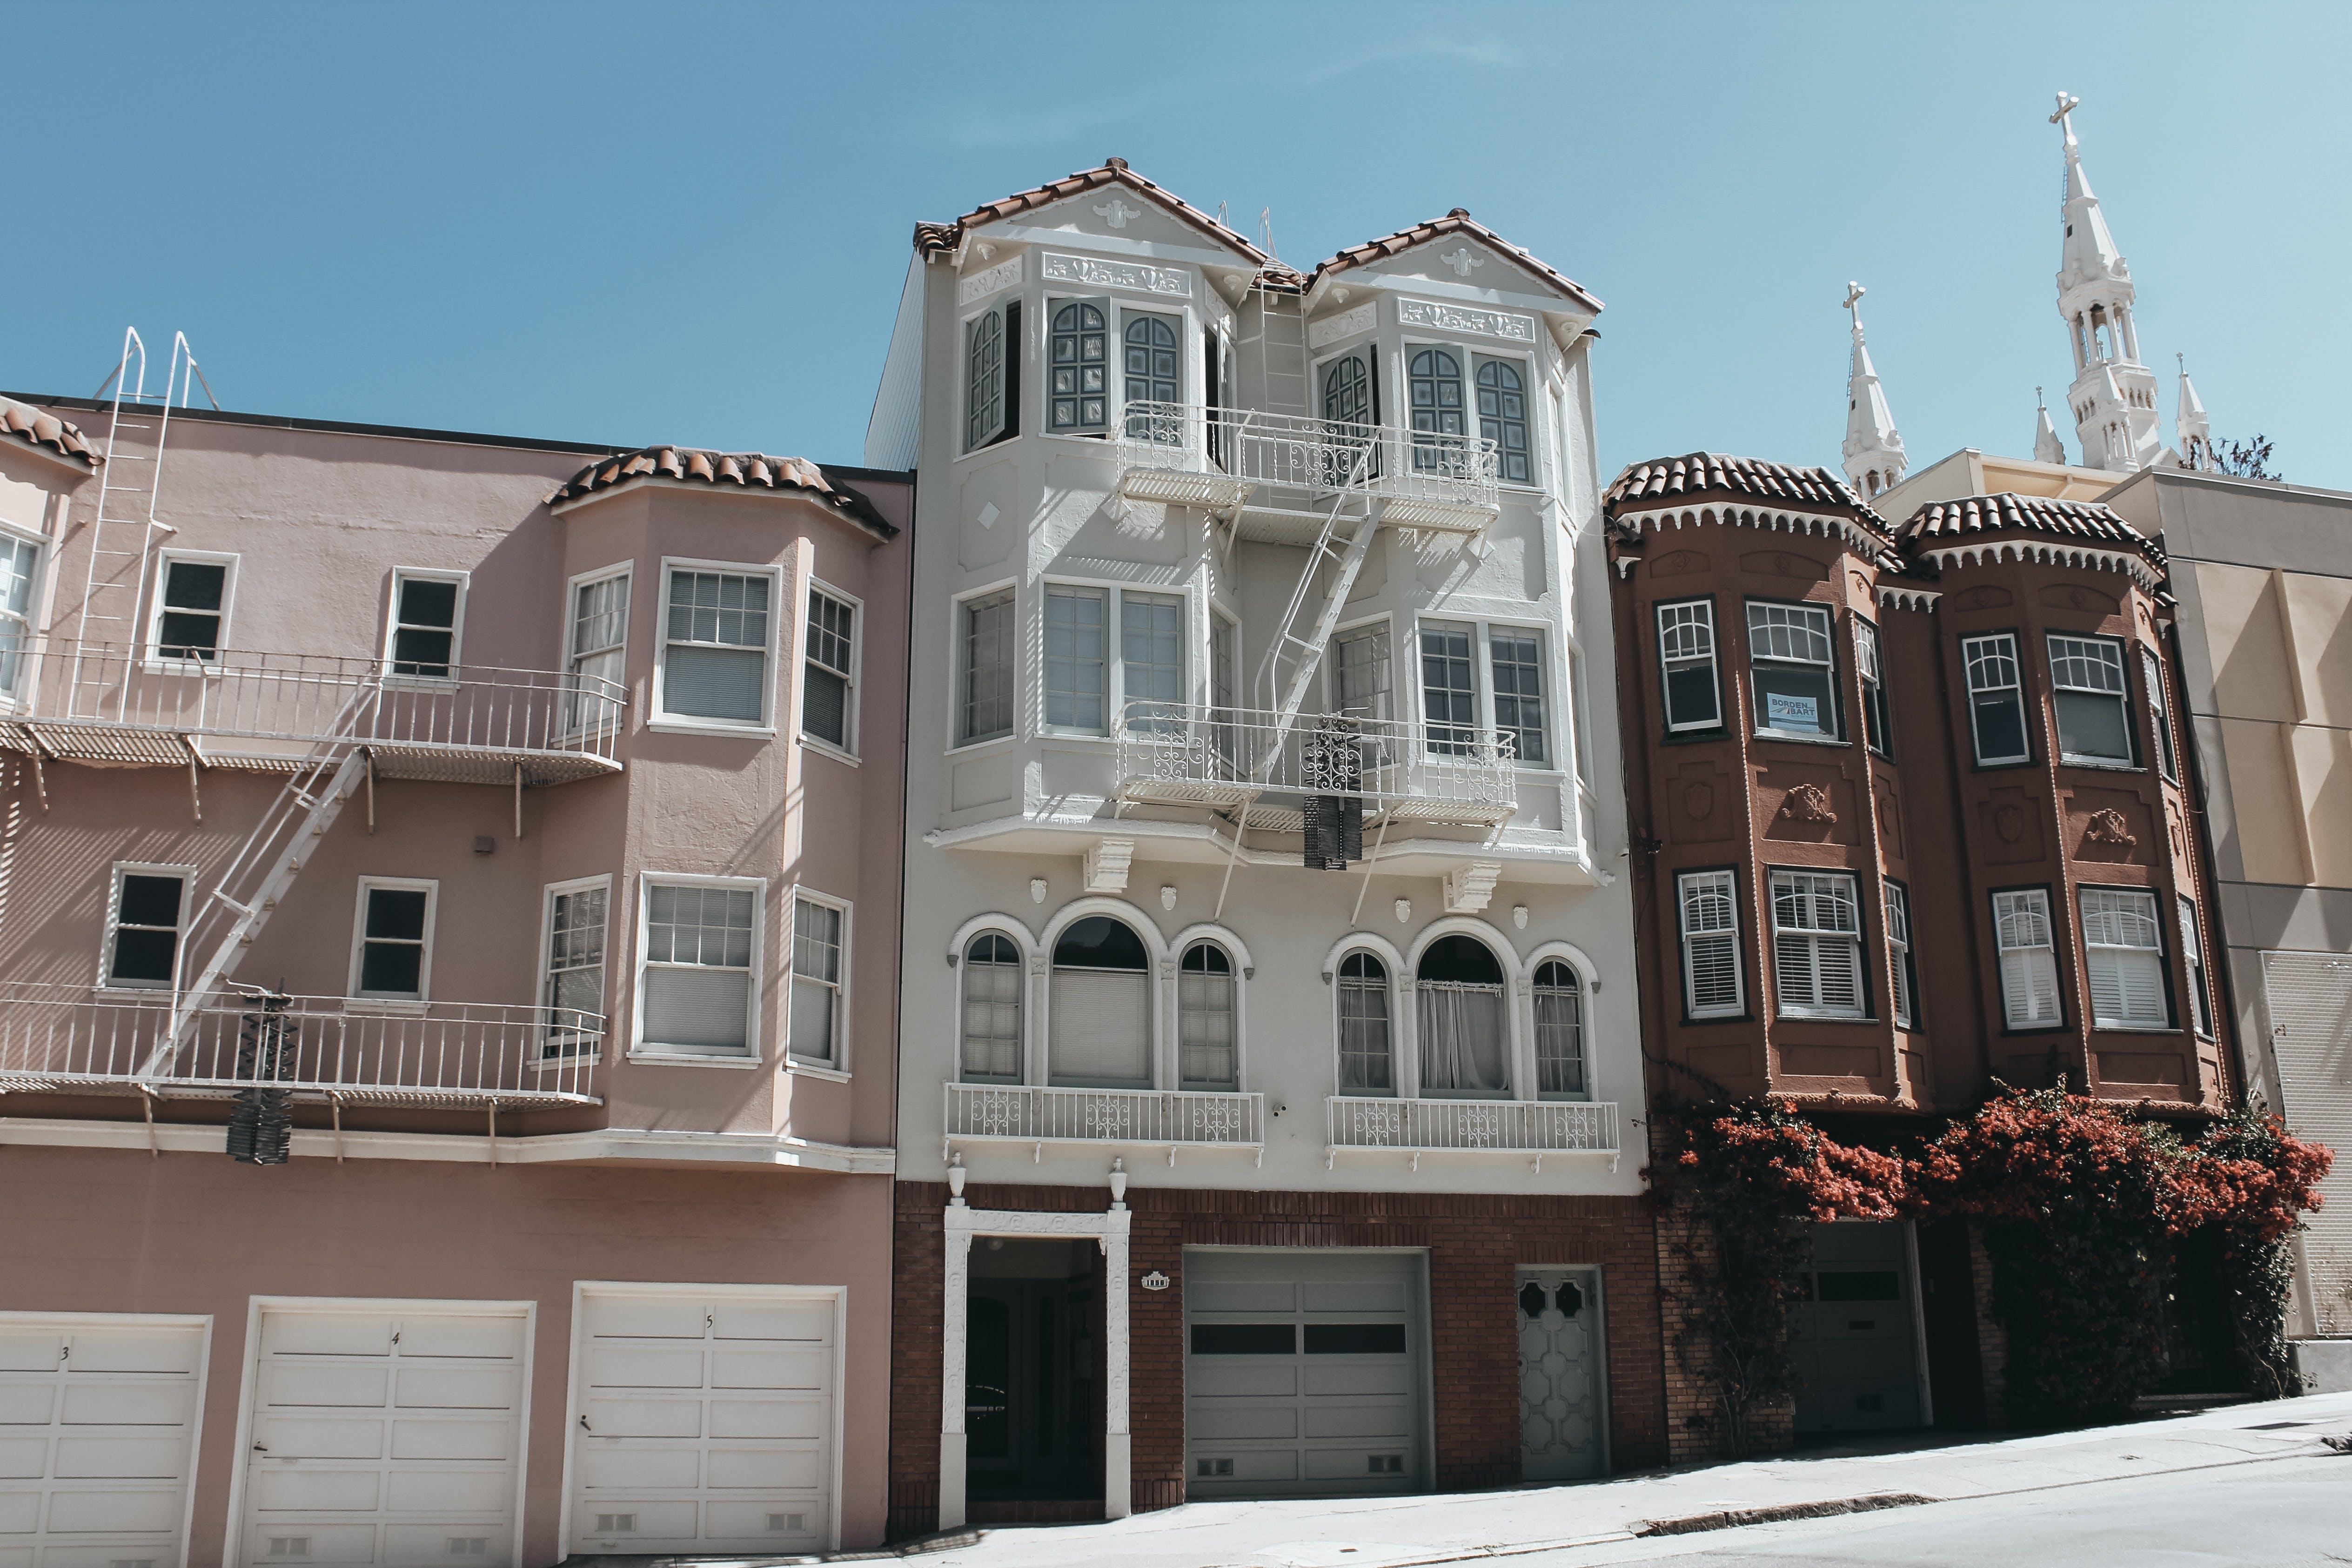 Kostenloses Stock Foto zu architektur, architekturdesign, außen, balkone